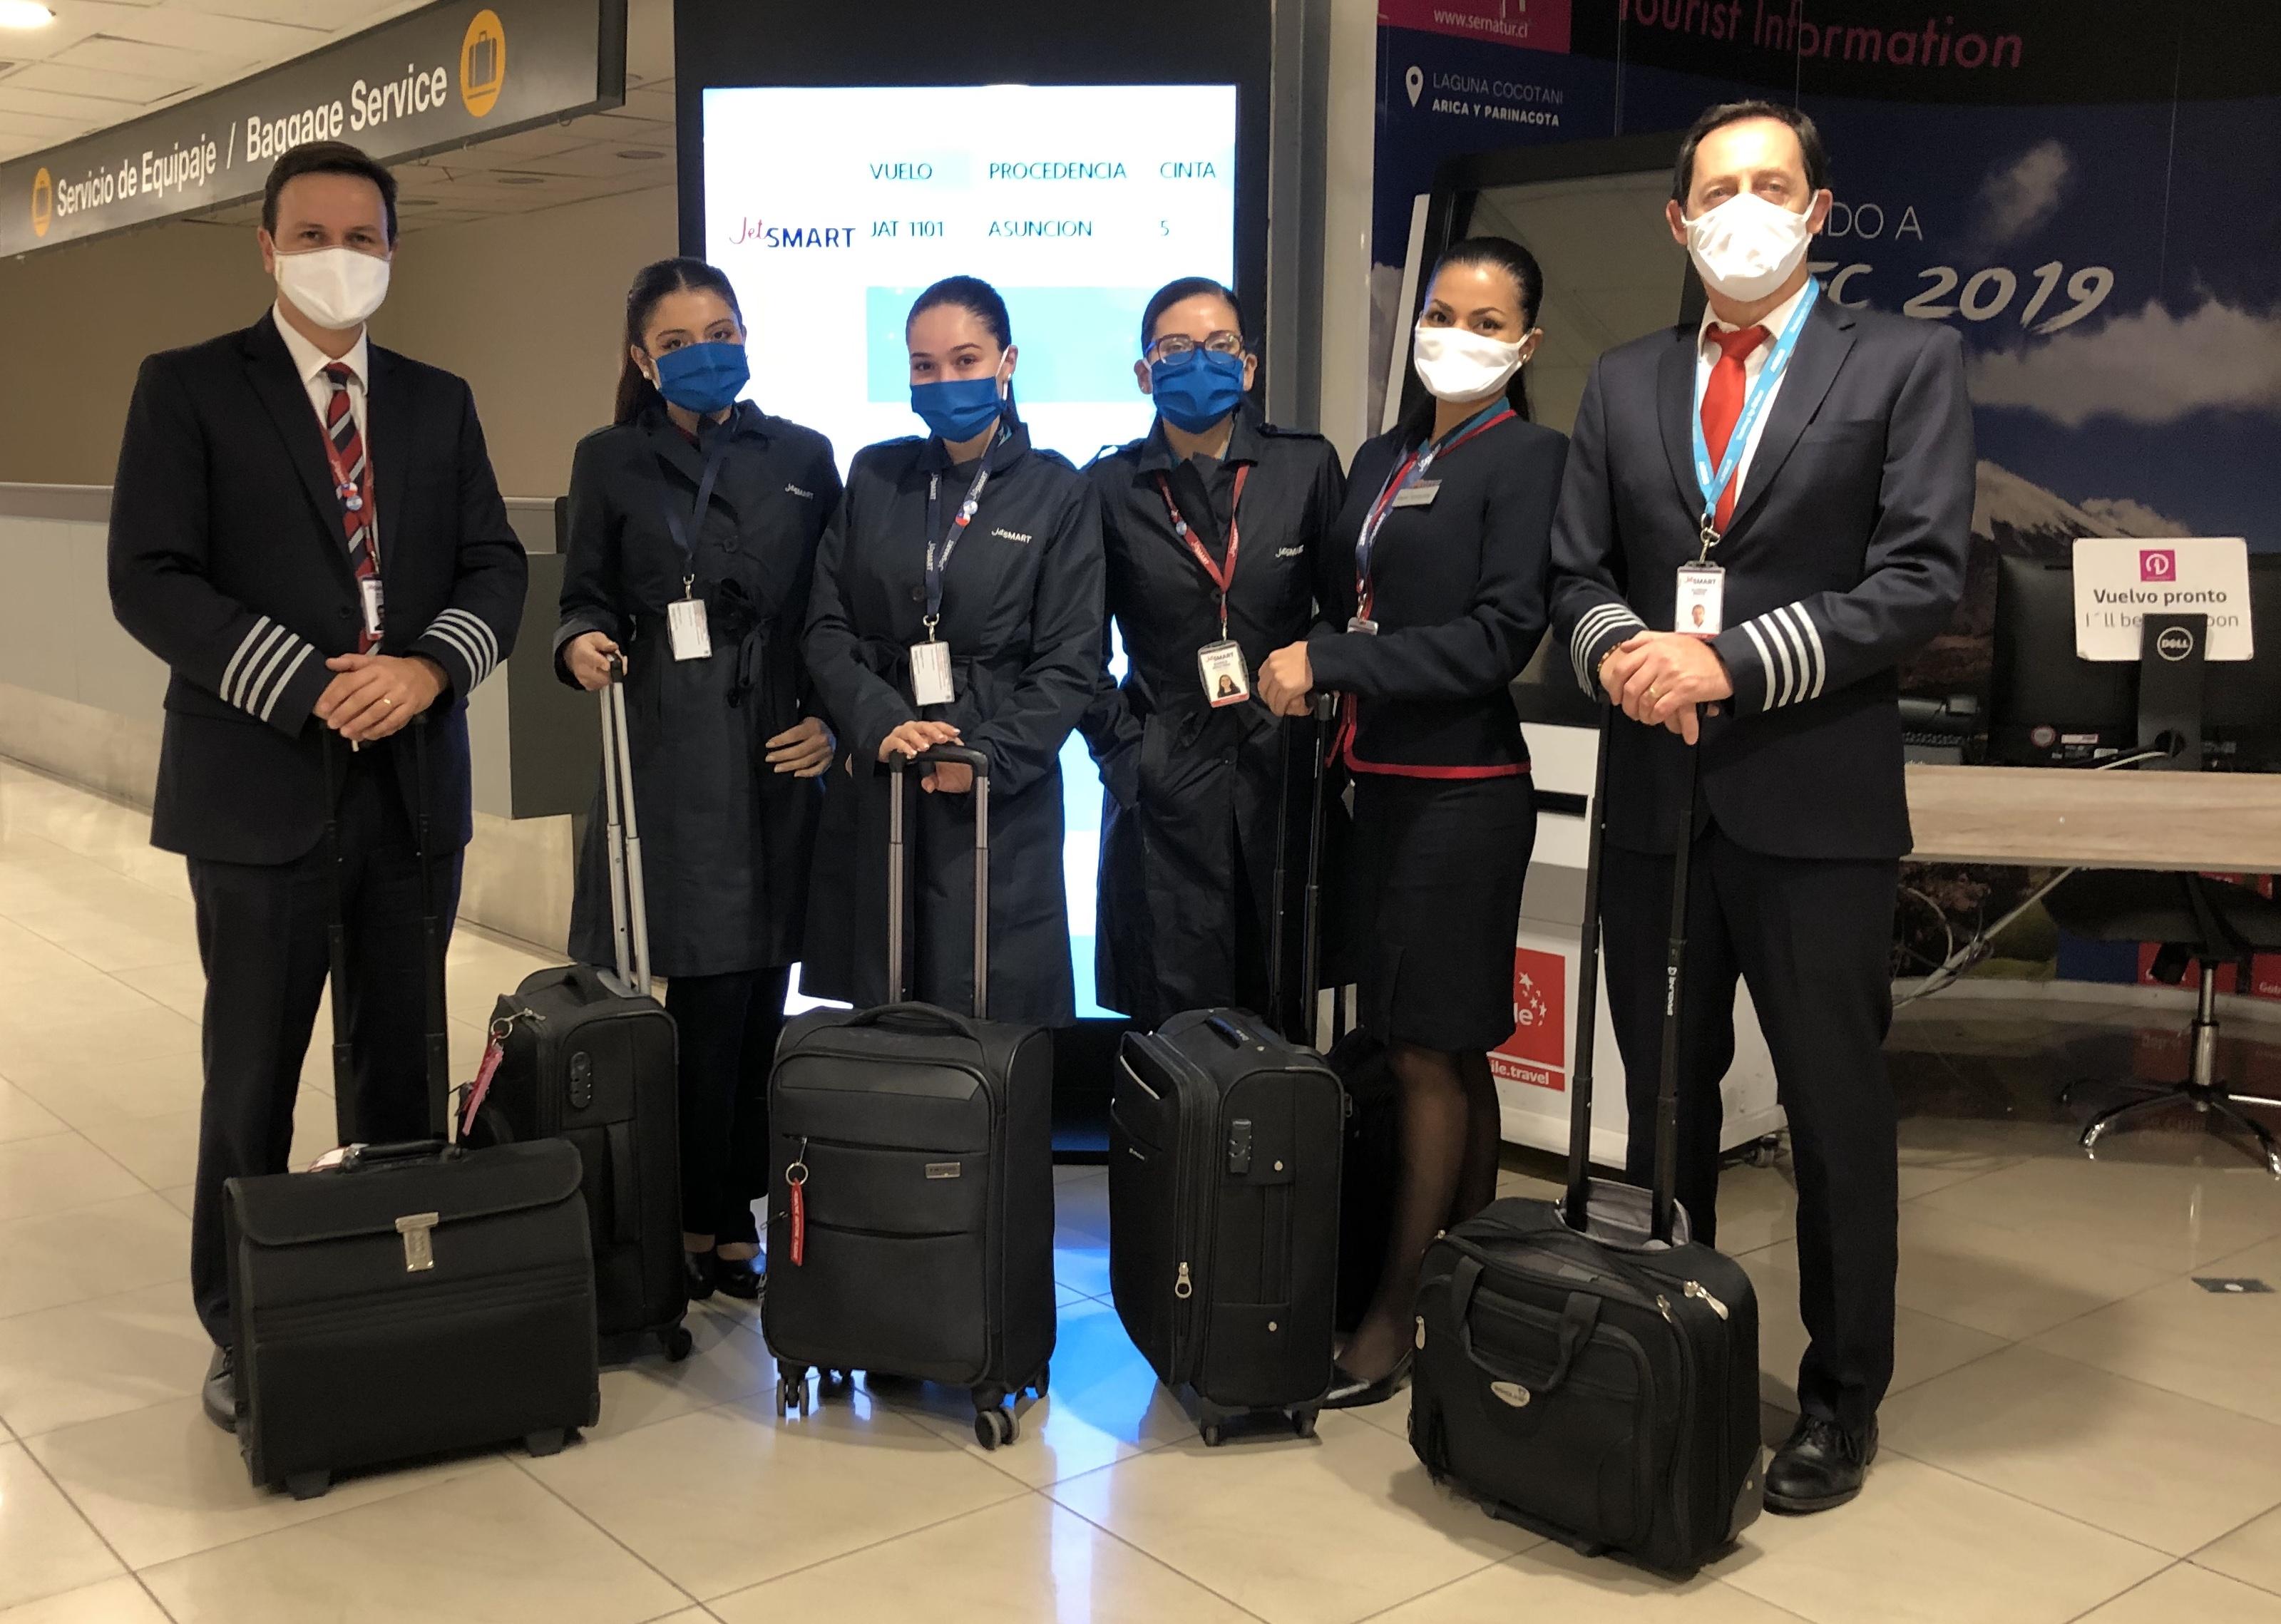 JetSMART realizó vuelo especial entre Santiago y Asunción para repatriar ciudadanos de ambos países